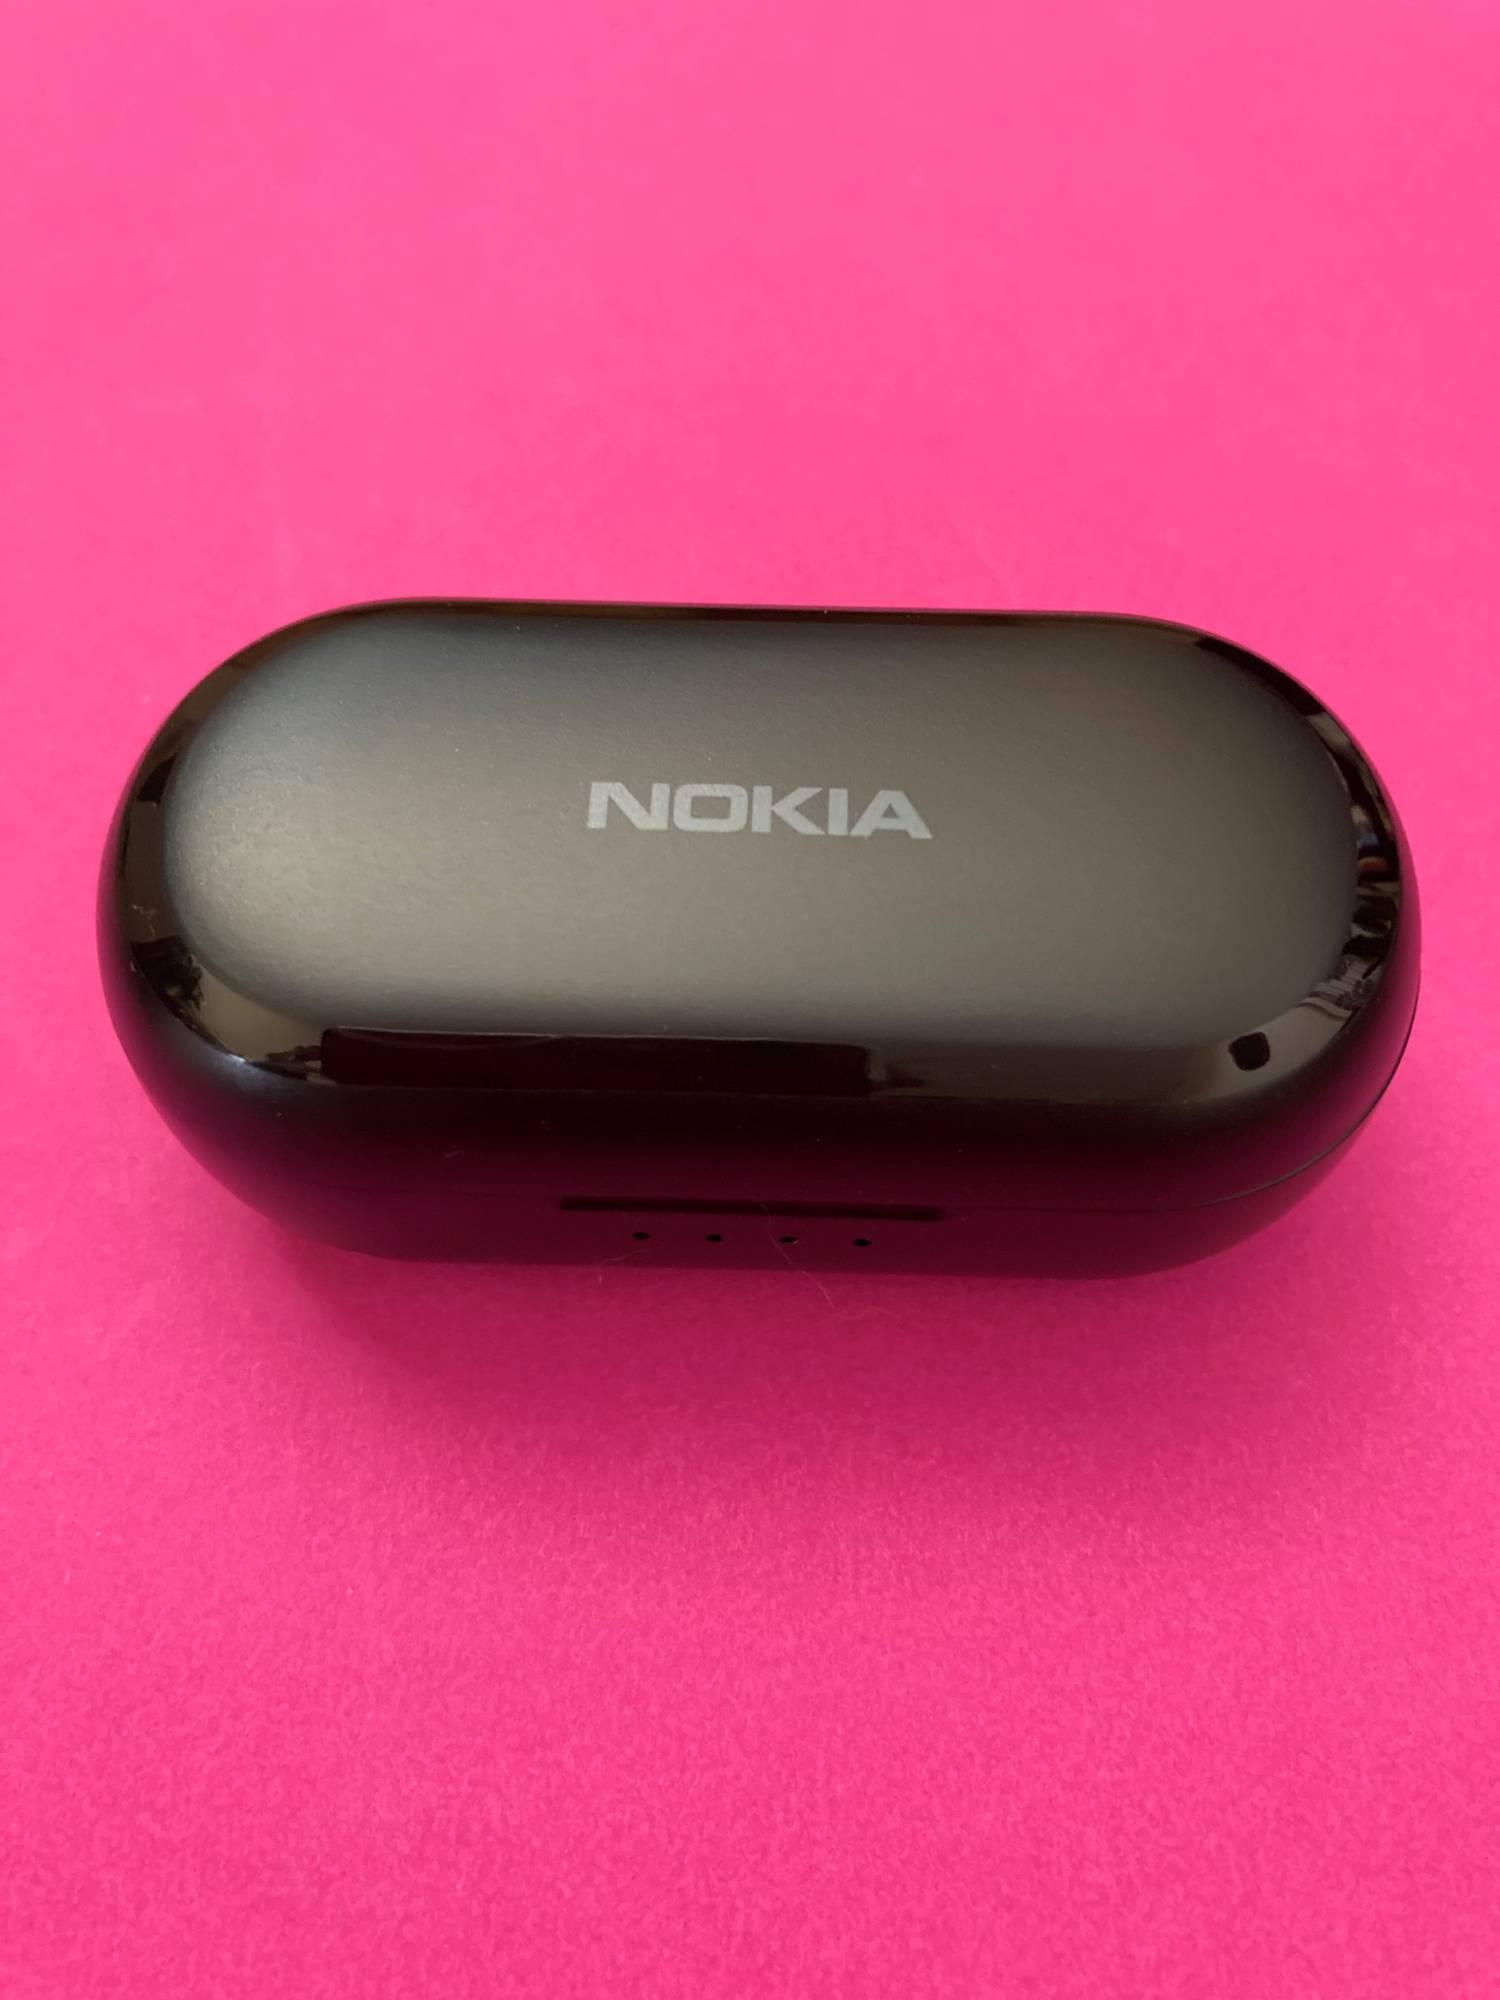 Etui ładujące słuchawek Nokia Earbuds Lite przód